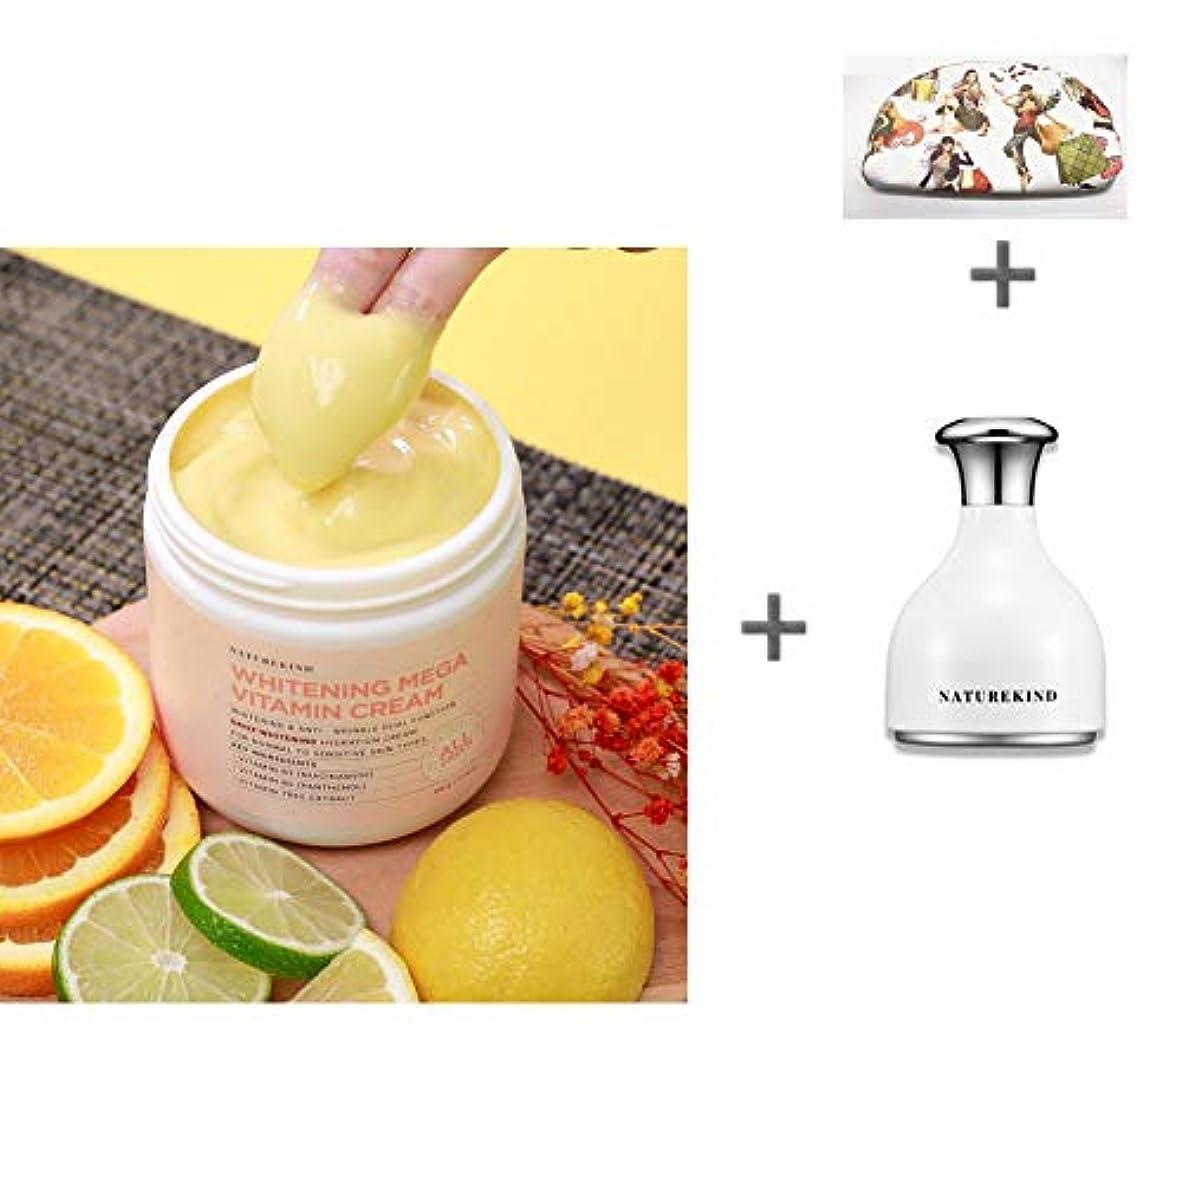 最大蜜はさみ[ネイチャーカインド]美白ビタミンクリーム500gの大容量Vitamin Cream /全成分100%グリーン評価/敏感肌にも安心/トンオプ/保湿/くすみ除去/美白クリーム [海外直送品][並行輸入品] (クリーム+クーリングスティック)